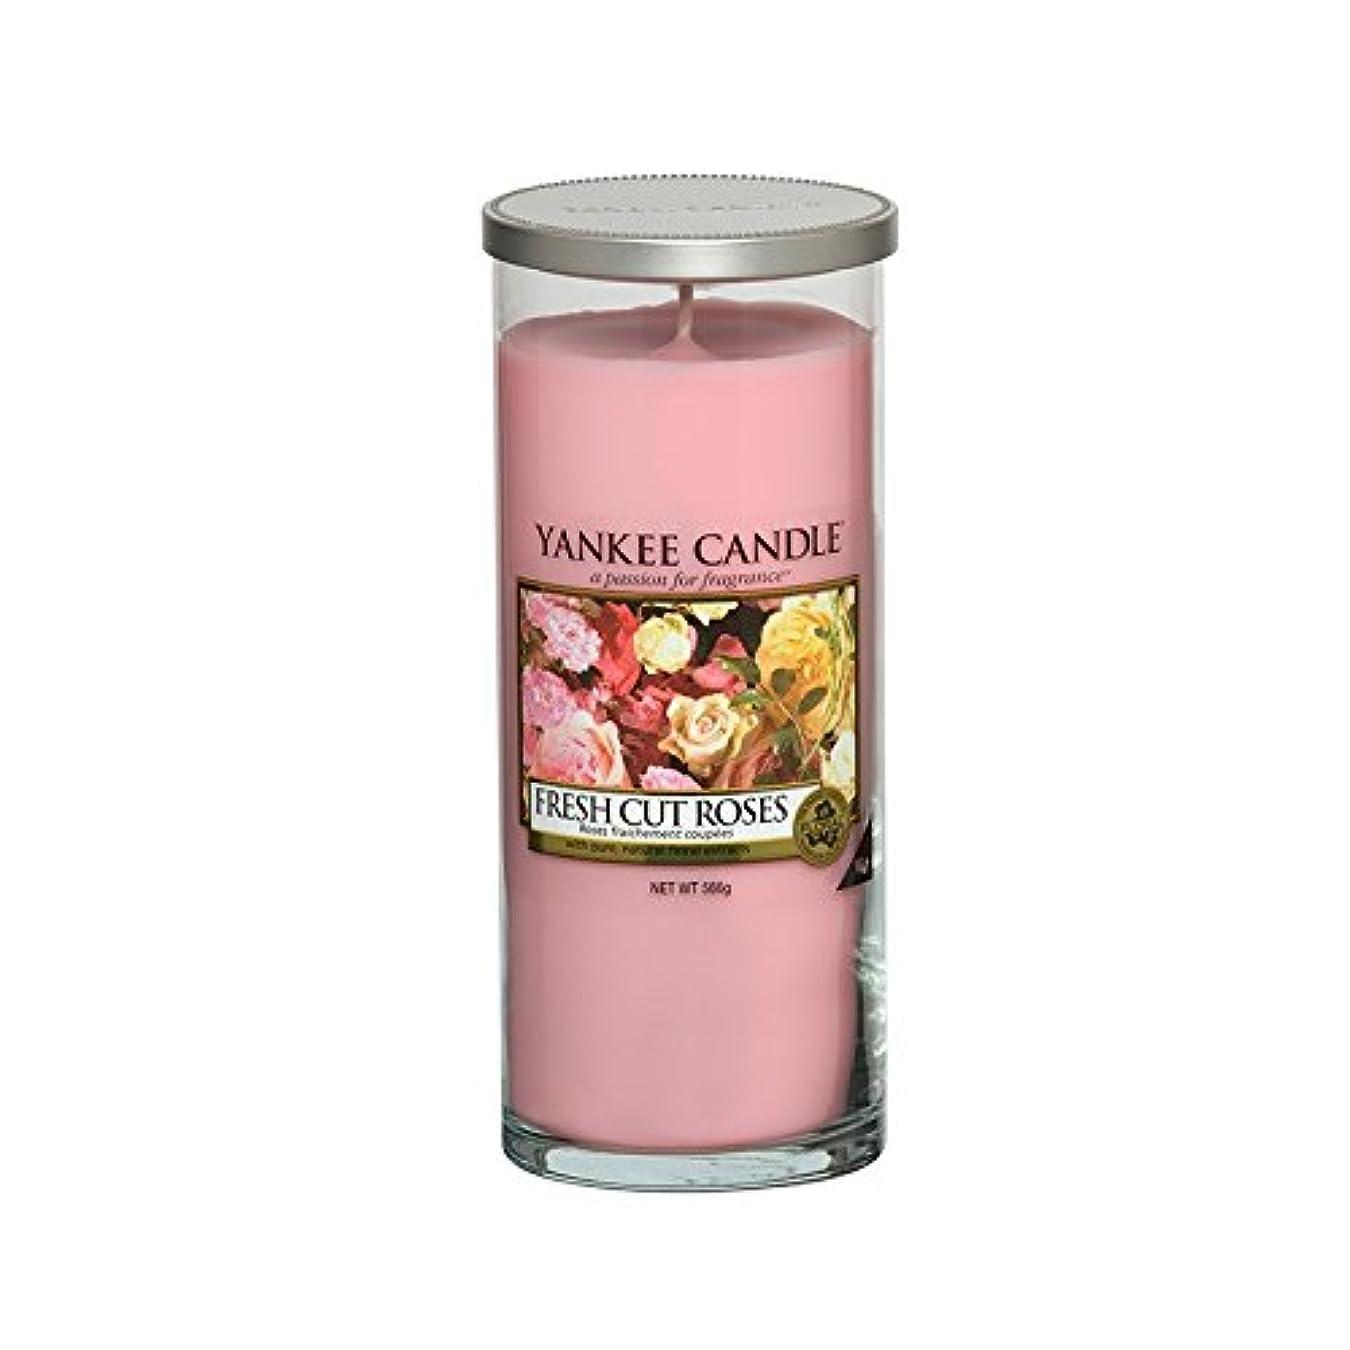 豪華な時期尚早落ち着いたYankee Candles Large Pillar Candle - Fresh Cut Roses (Pack of 6) - ヤンキーキャンドル大きな柱キャンドル - 新鮮なバラ切り花 (x6) [並行輸入品]